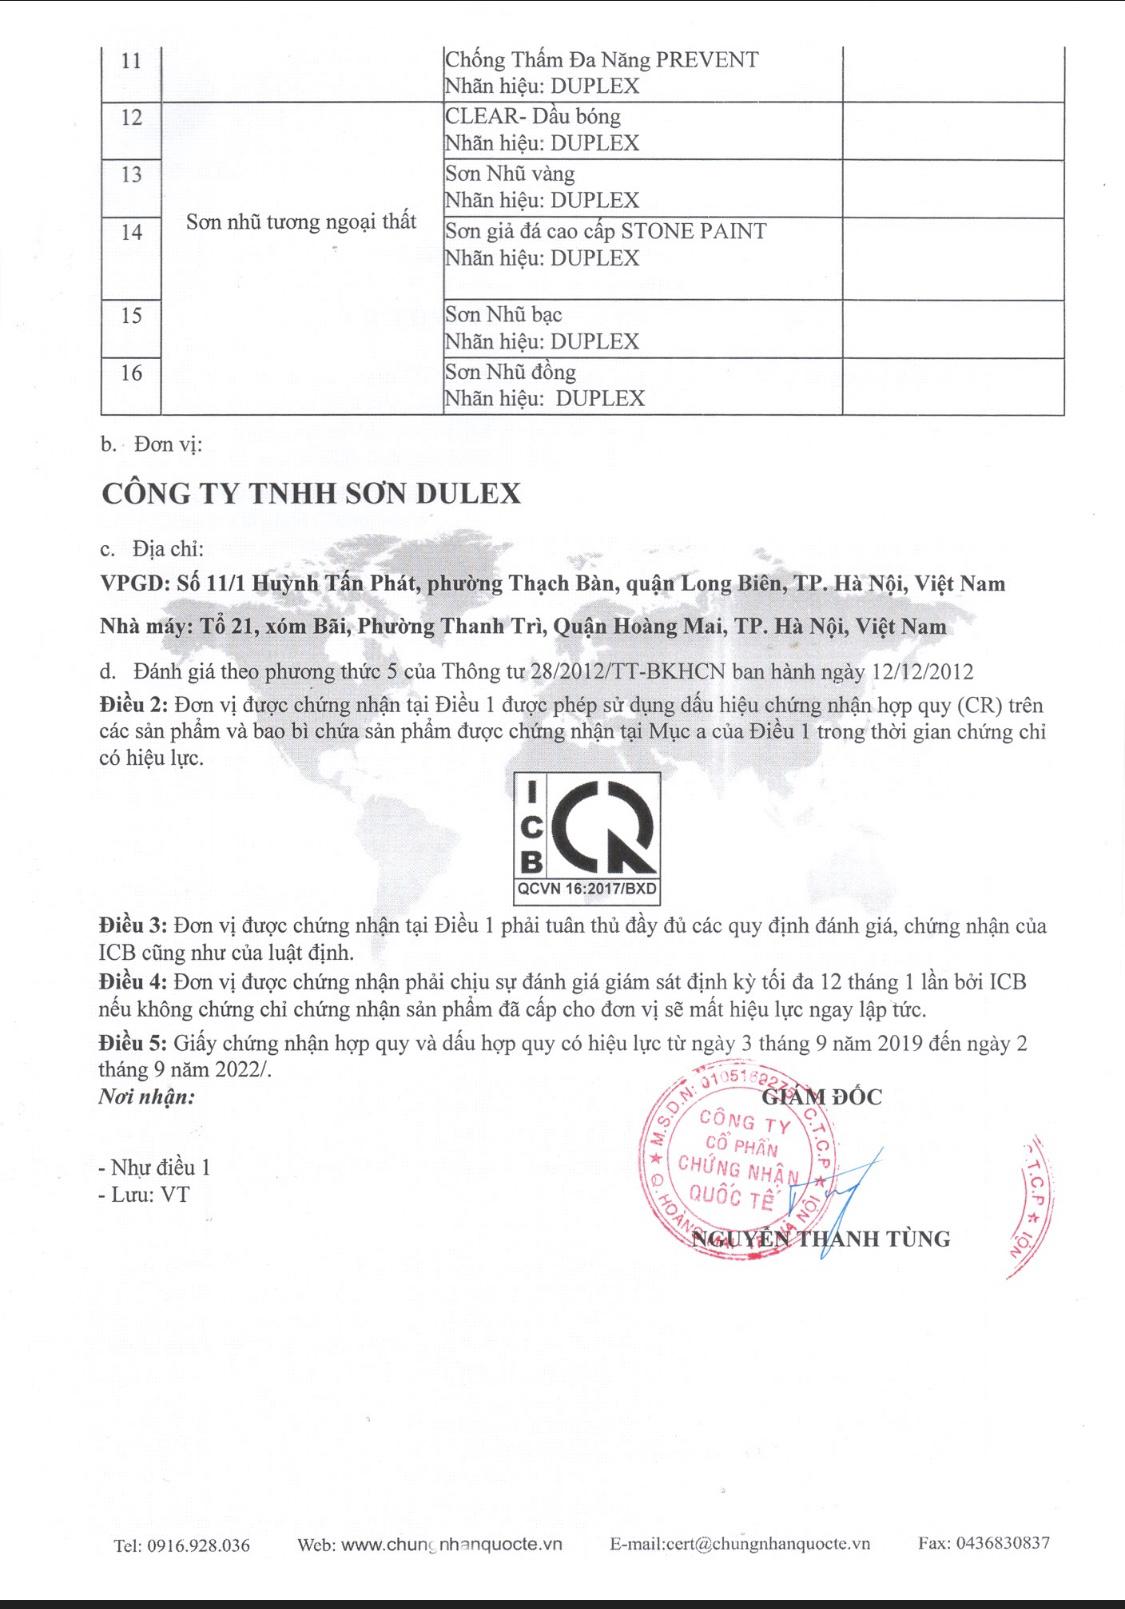 Danh sách sản phẩm sơn Duplex 1